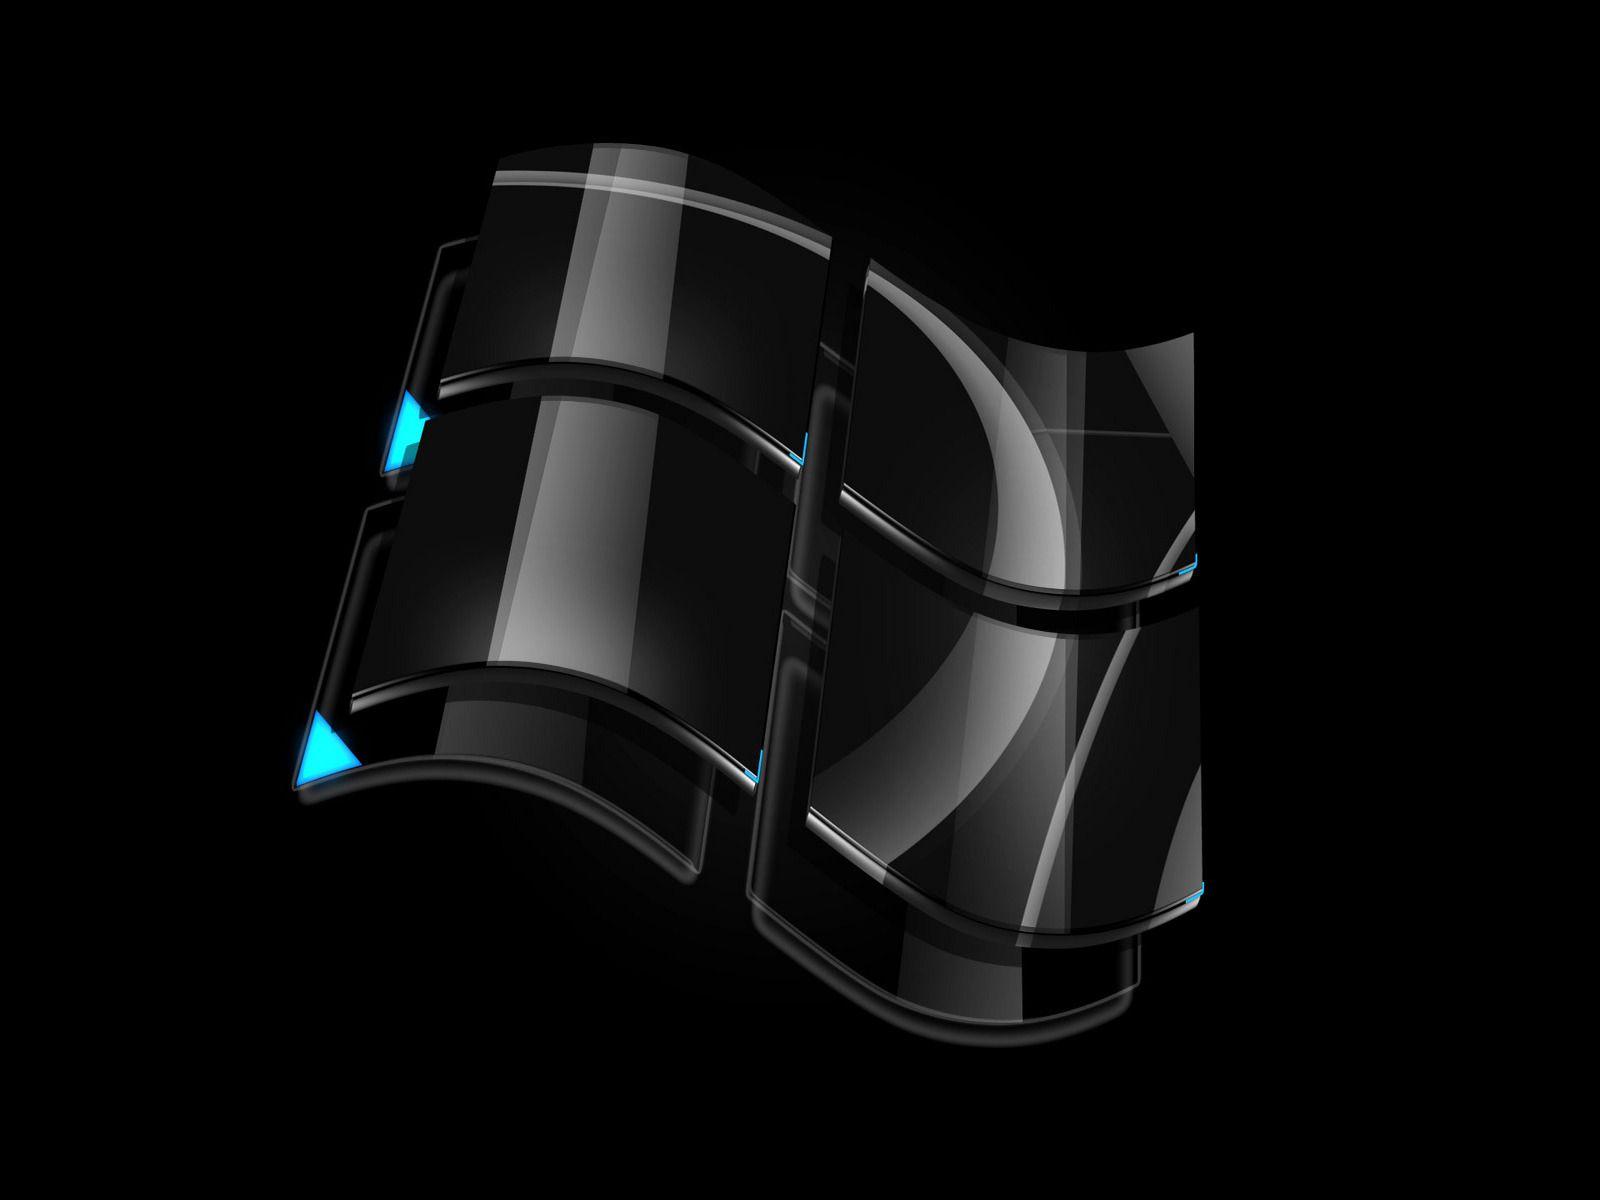 wallpaper | black windows vista logo wallpaper 400x300 badass